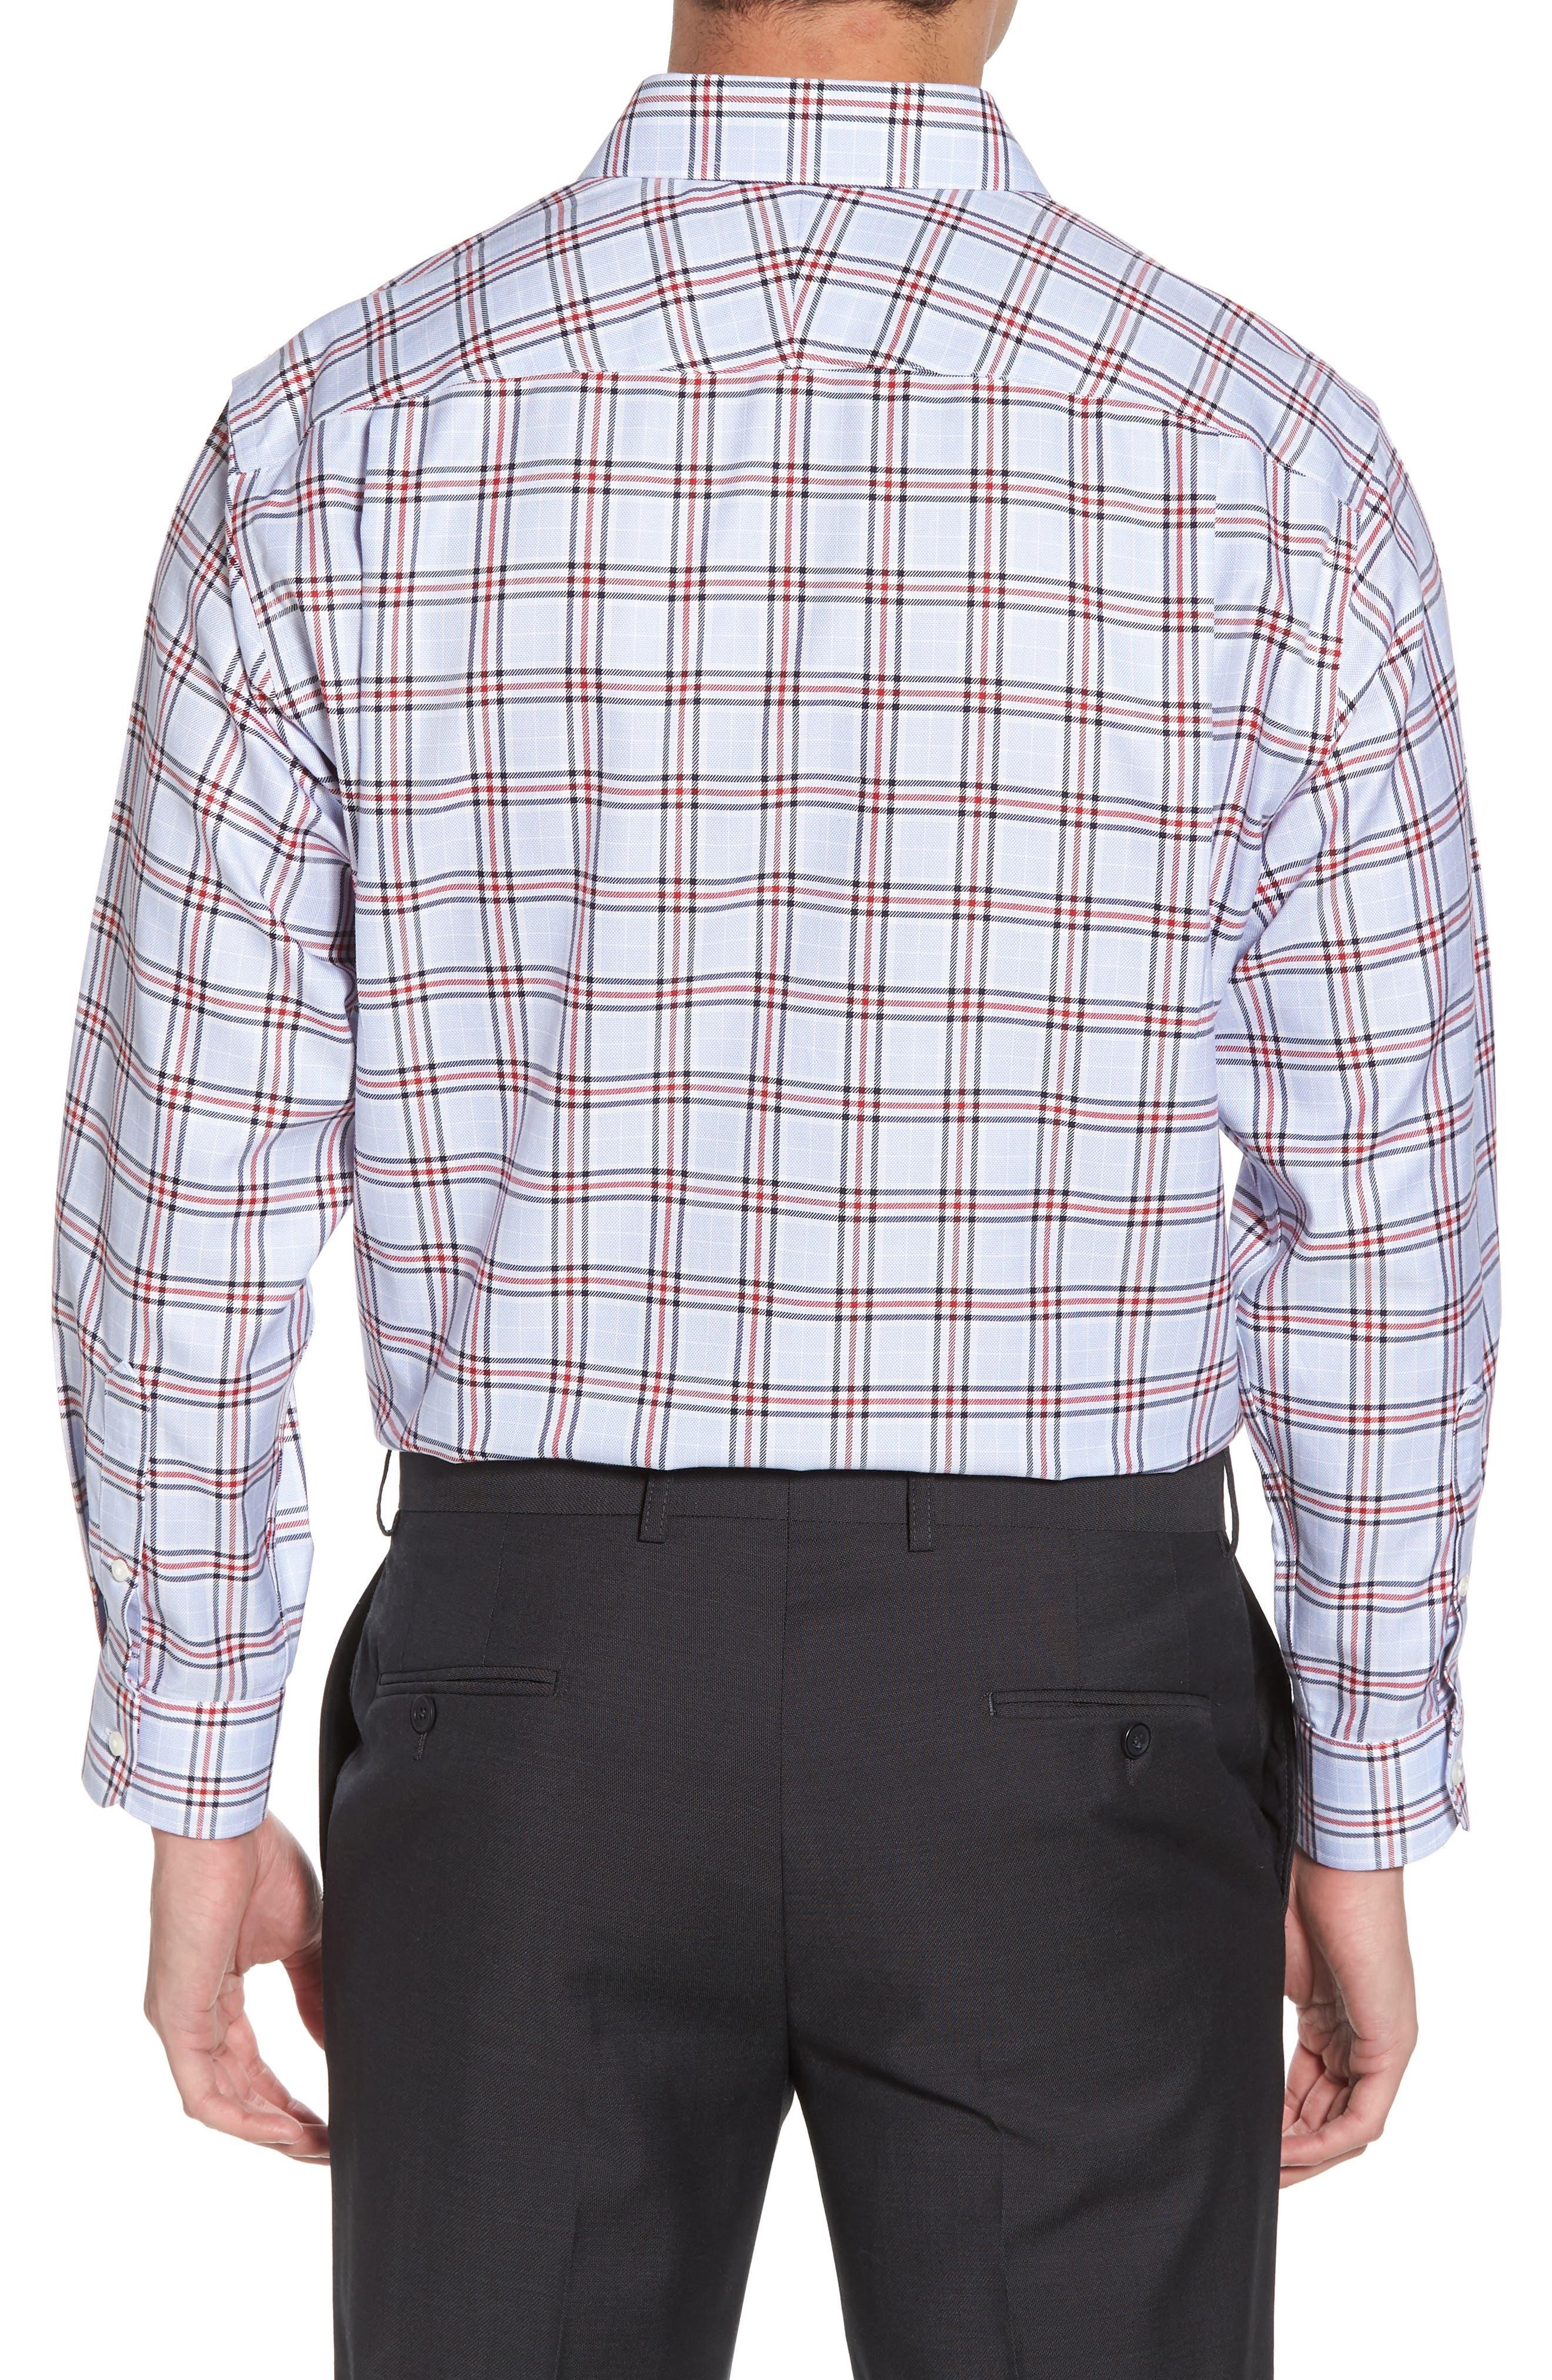 Smartcare<sup>™</sup> Classic Fit Plaid Dress Shirt,                             Alternate thumbnail 3, color,                             601